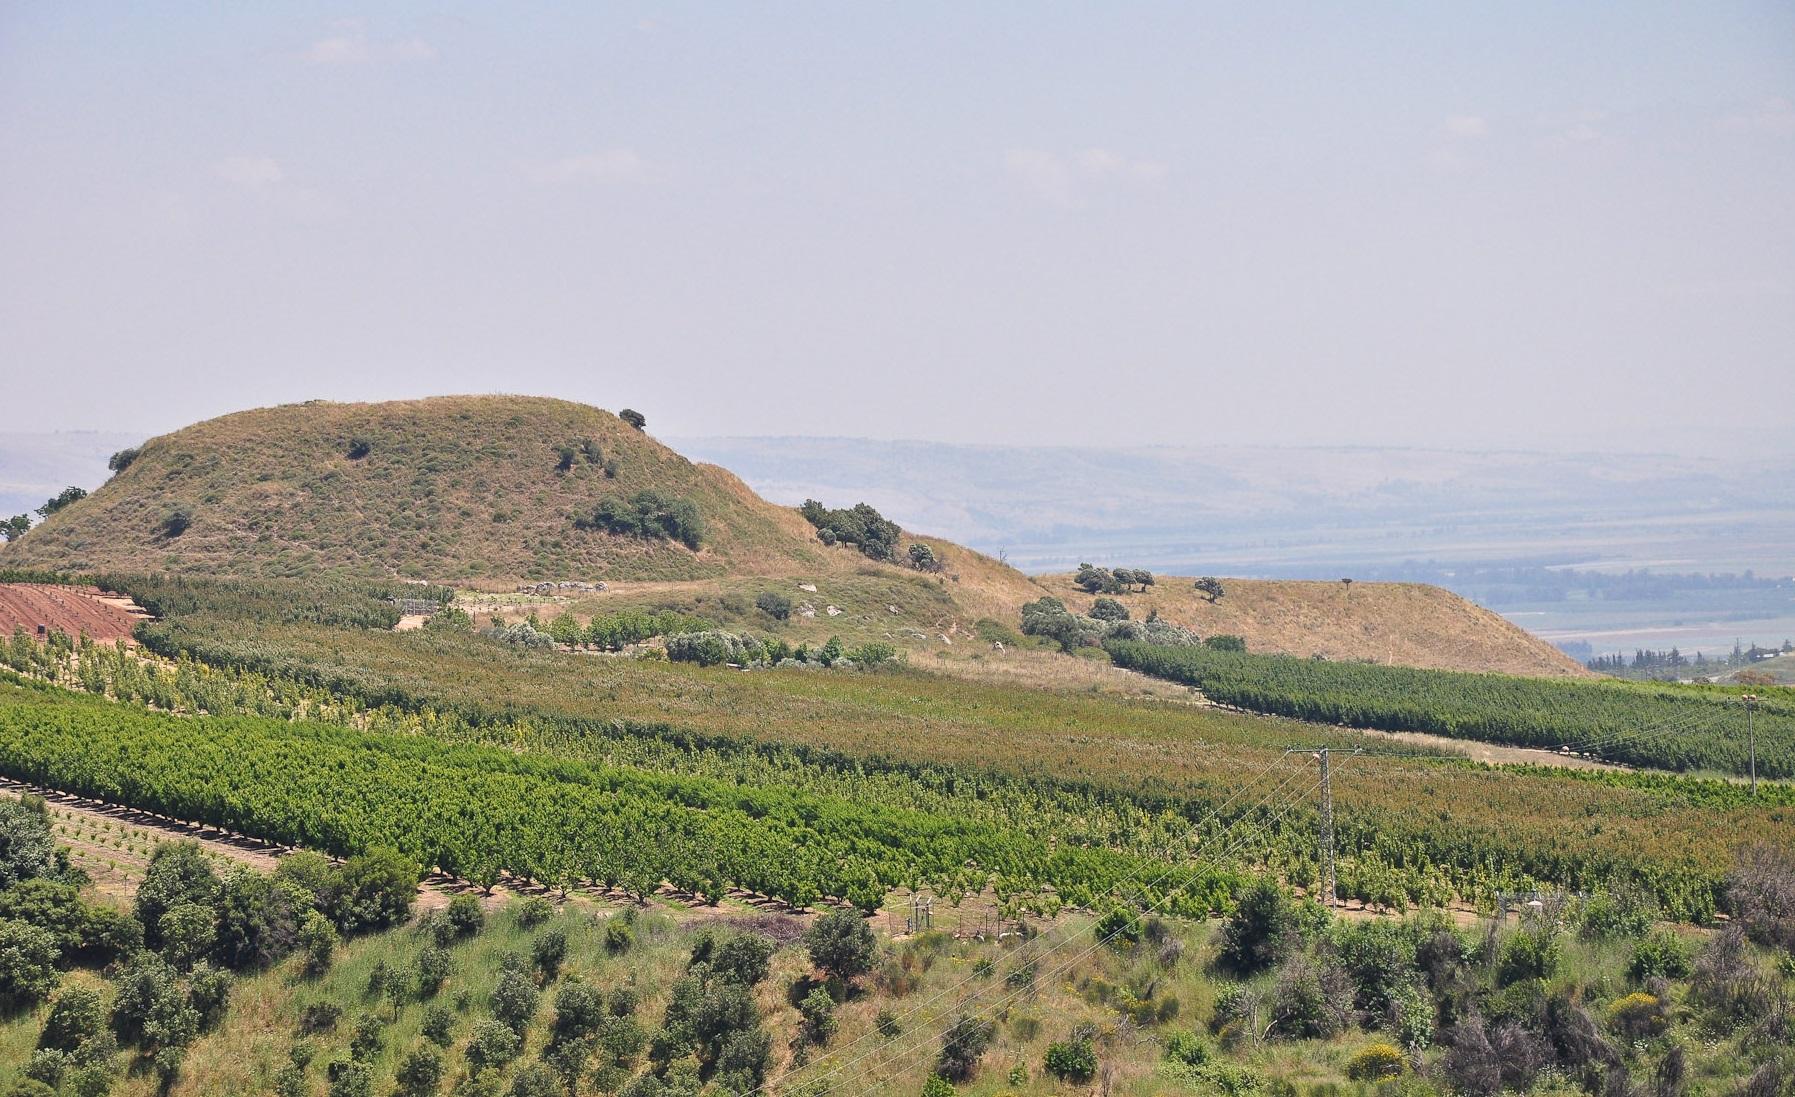 上图:伯·玛迦的亚比拉遗址(Tel Abel Beth Maacah),位于但遗址(Tel Dan)西边约6.5公里。这里是以色列的最北部。